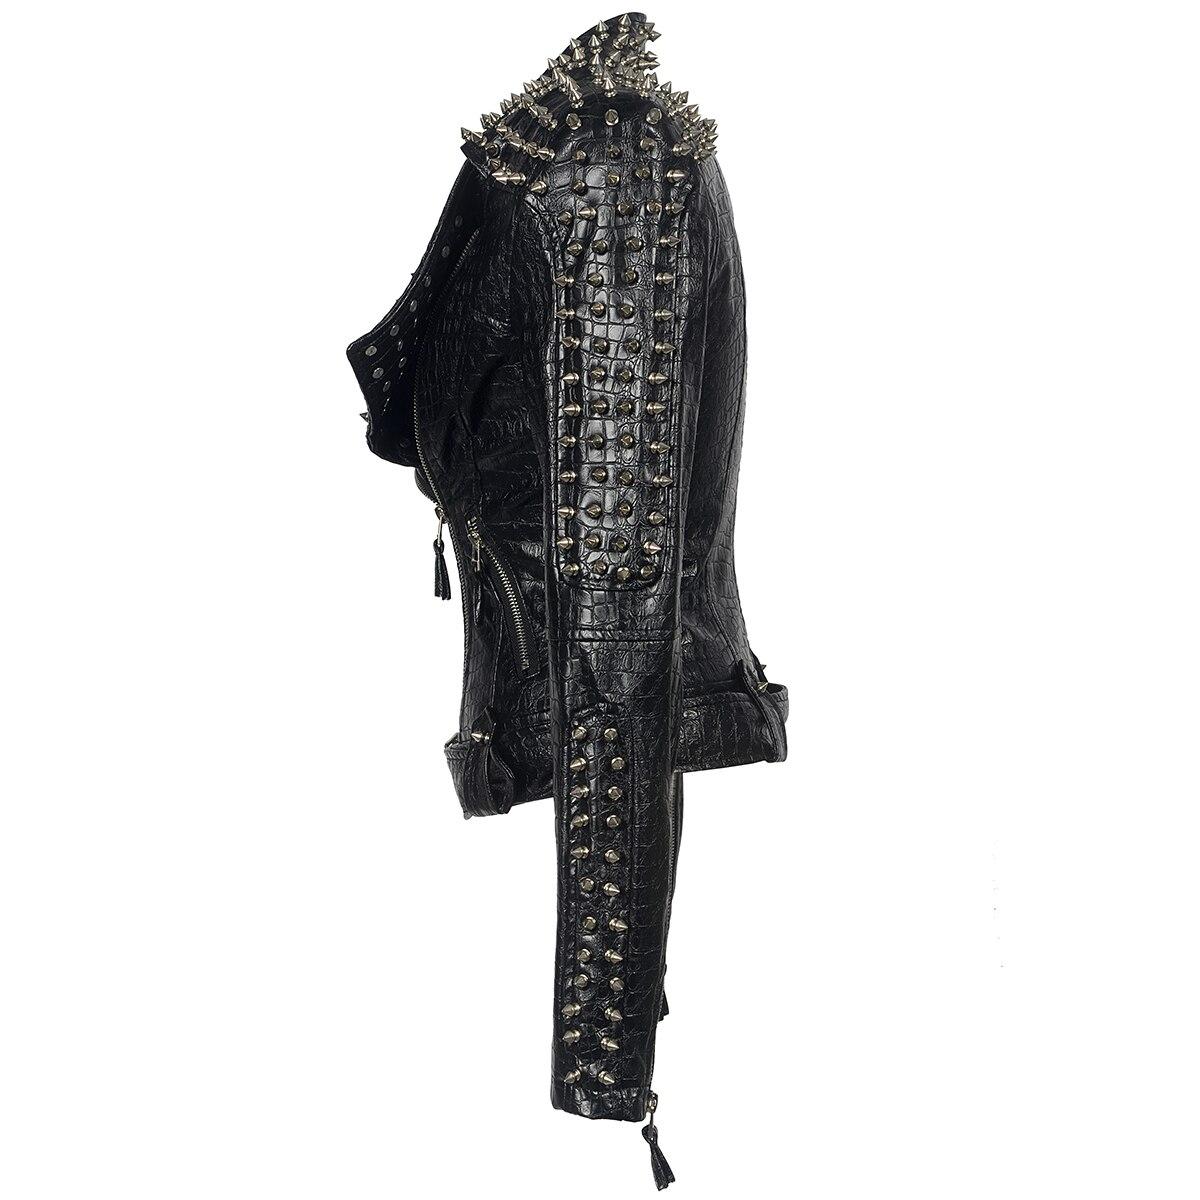 Outono quente grosso longo casaco de couro preto mulheres nova reversão delgados blusão de couro PU Parka chamariz a Mujahir WZ791 - 4